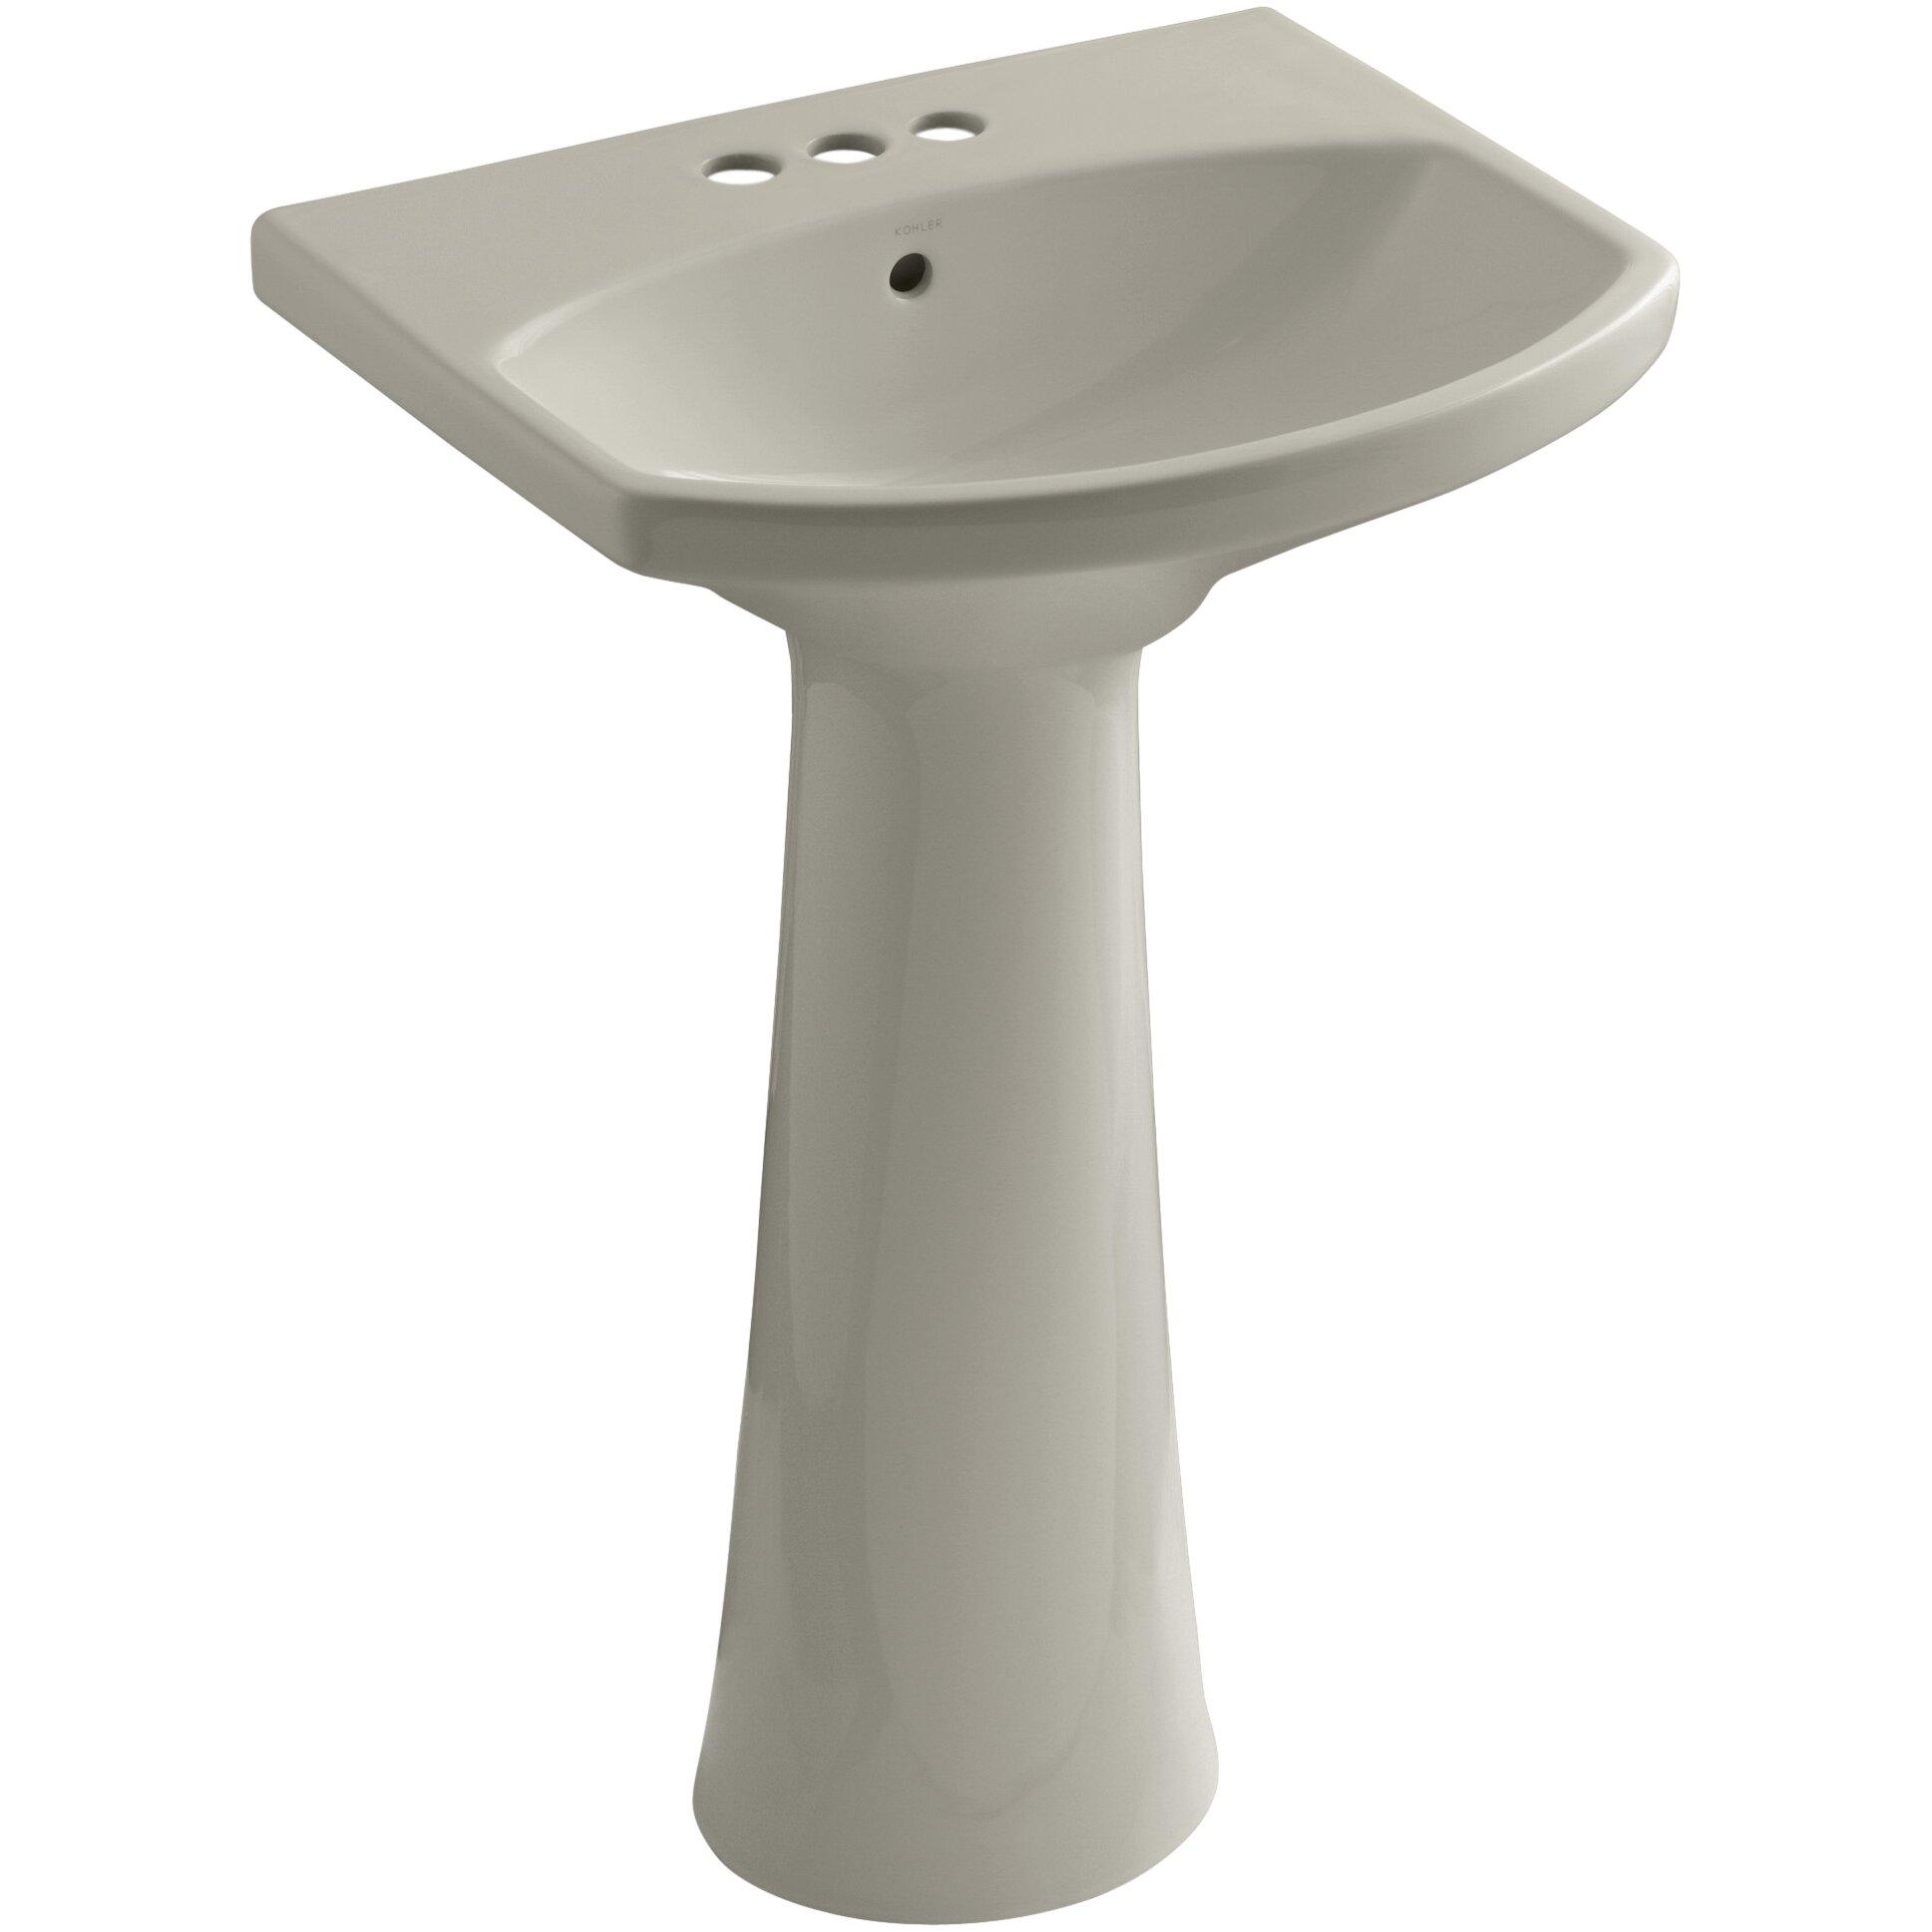 Kohler Cimarron Pedestal Bathroom Sink with 4